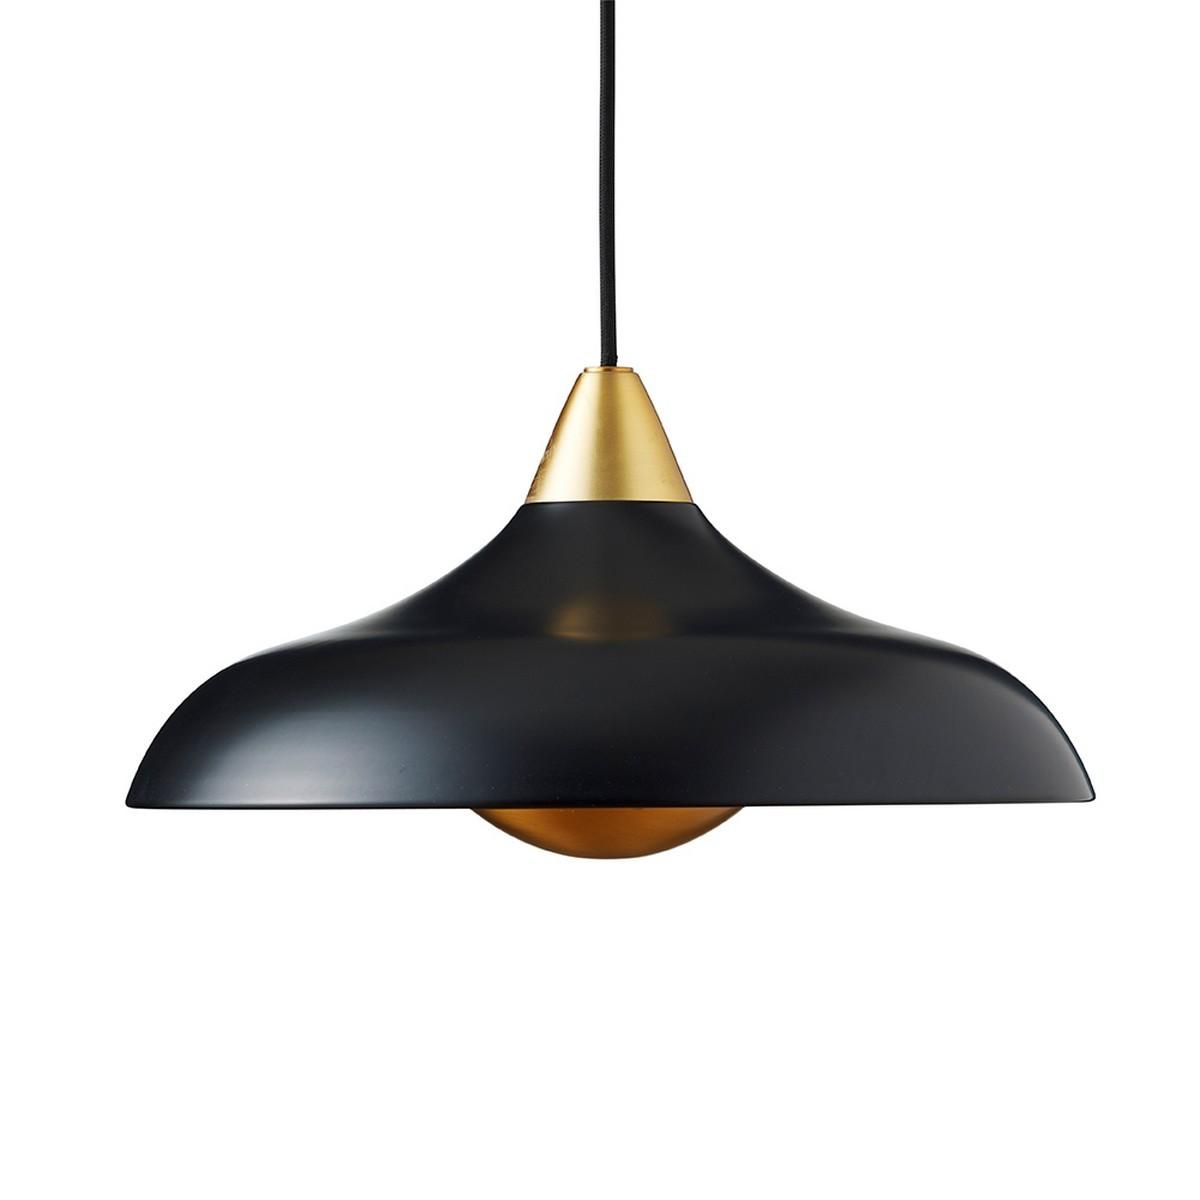 Suspension boule noire fashion designs for Suspension noire design